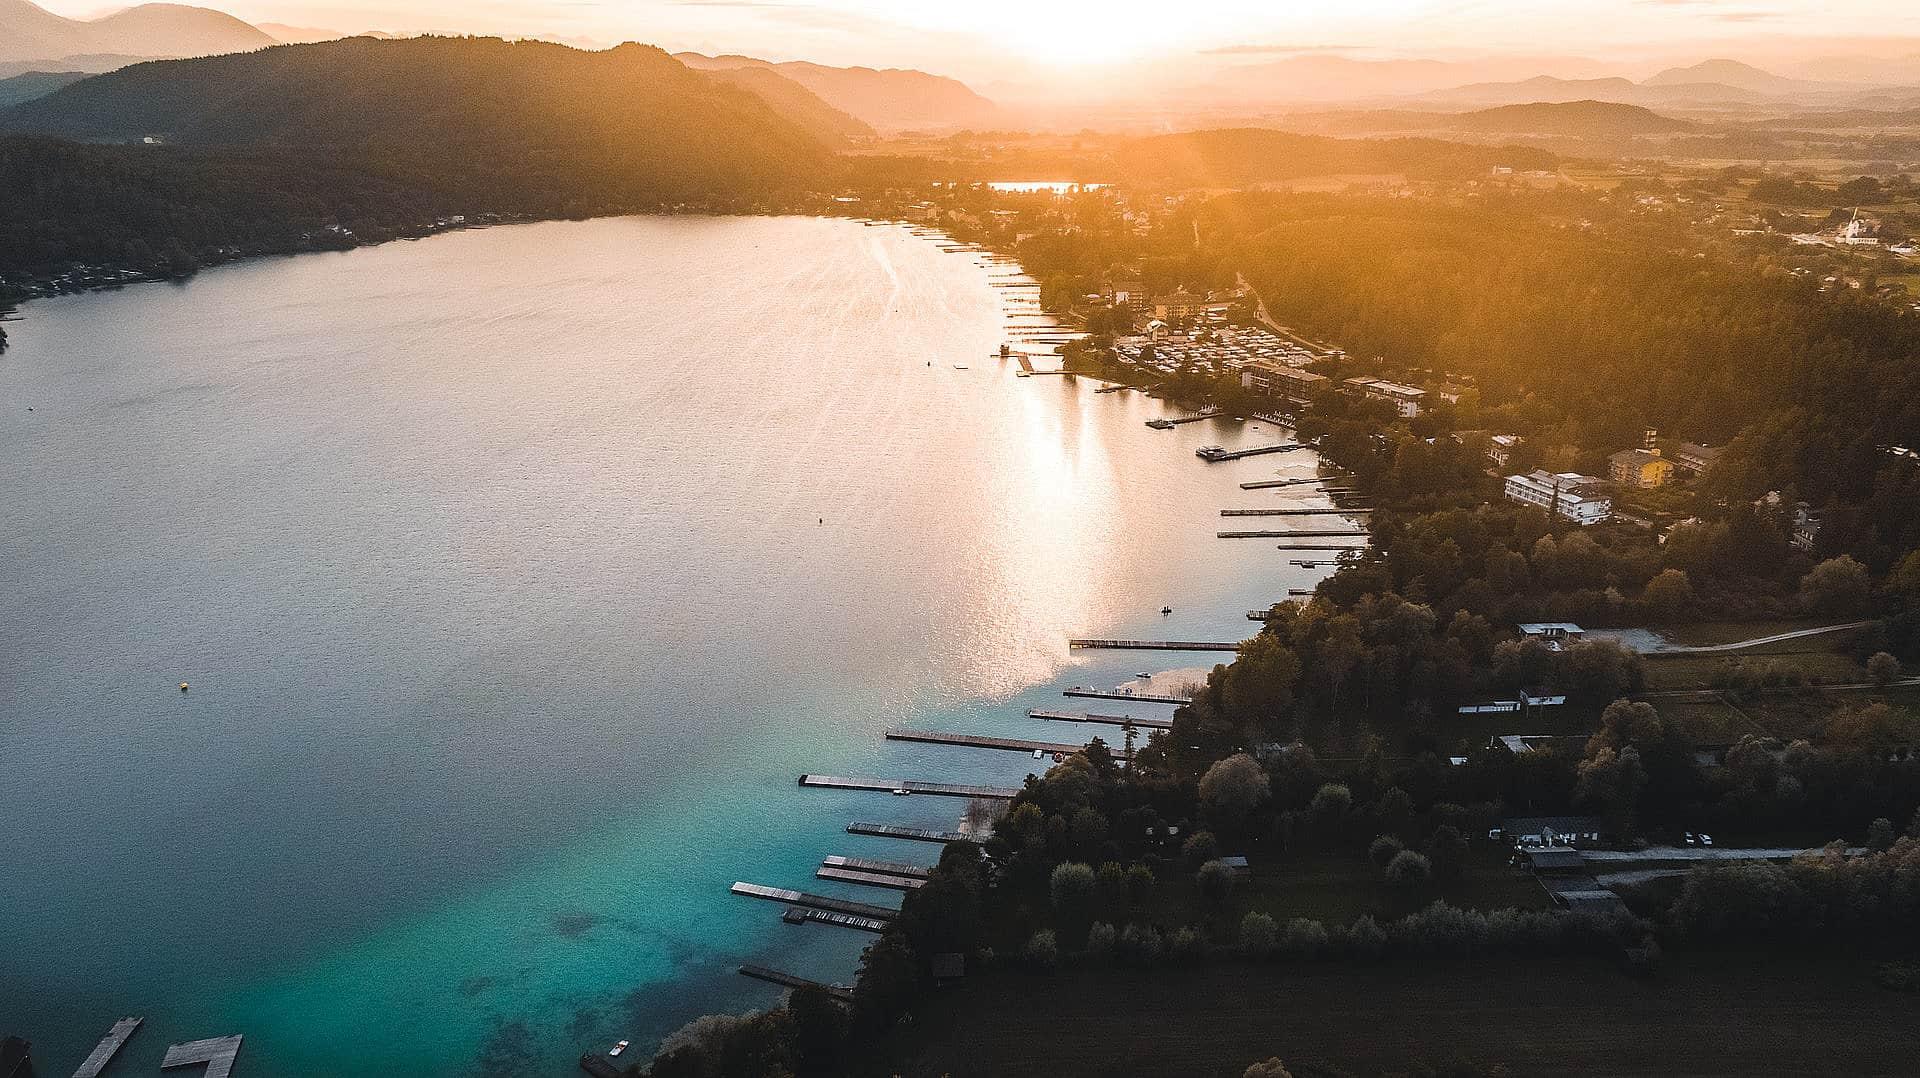 Sonnenuntergang am Klopeinersee in Kärnten. Luftaufnahme mit Orten, den See und der Landschaft bei Urlaub in Österreich.